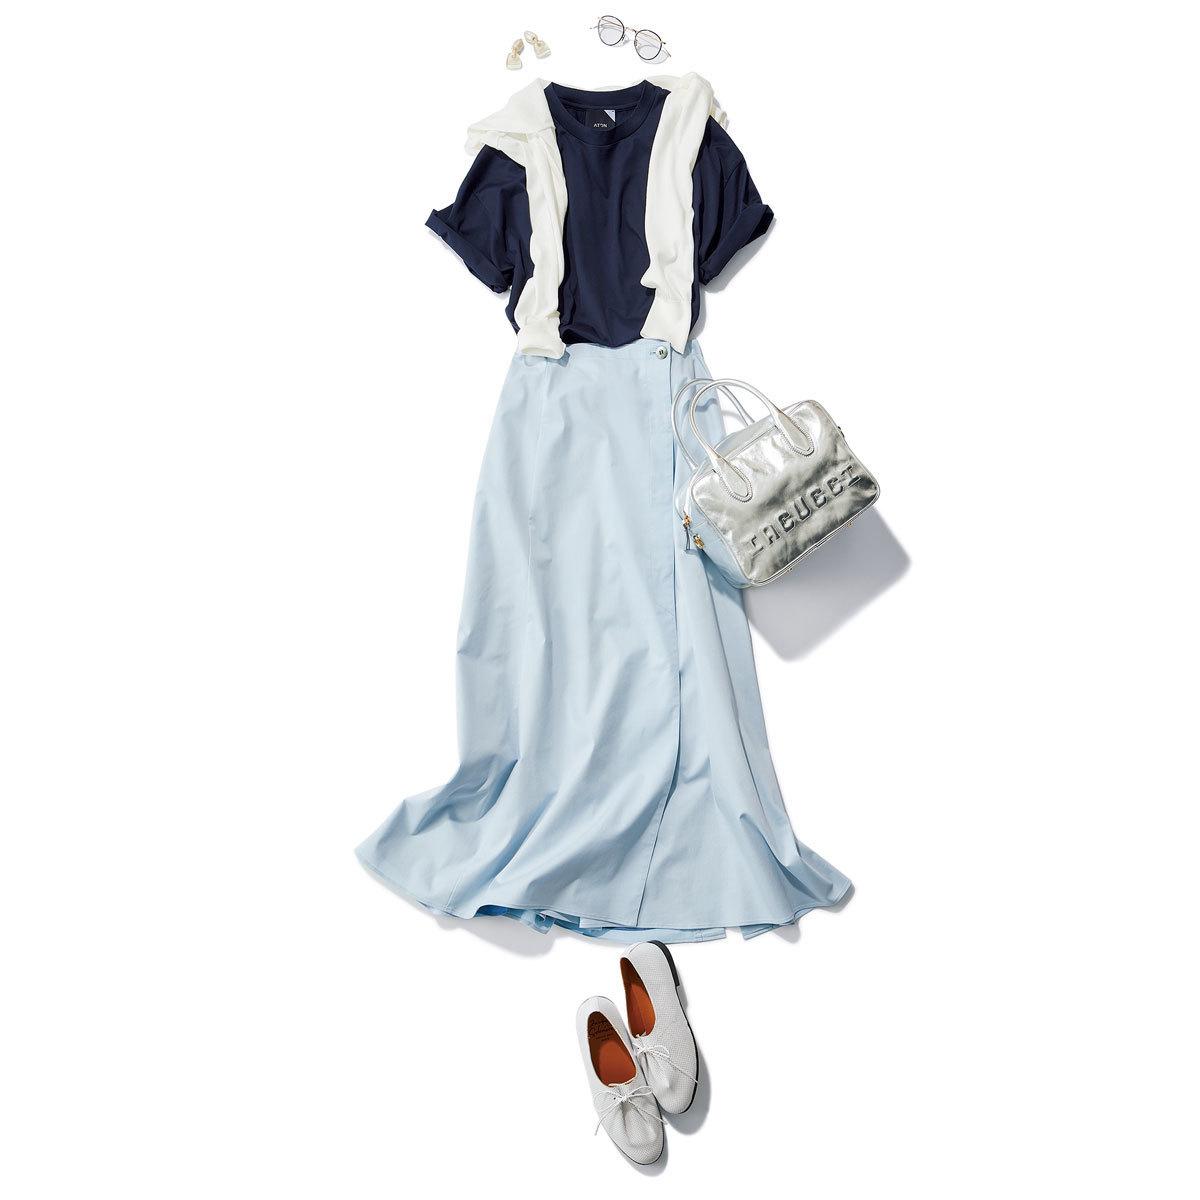 ■ネイビーのTシャツ×肩がけした白いカーディガン×ライトブルーのスカートコーデ